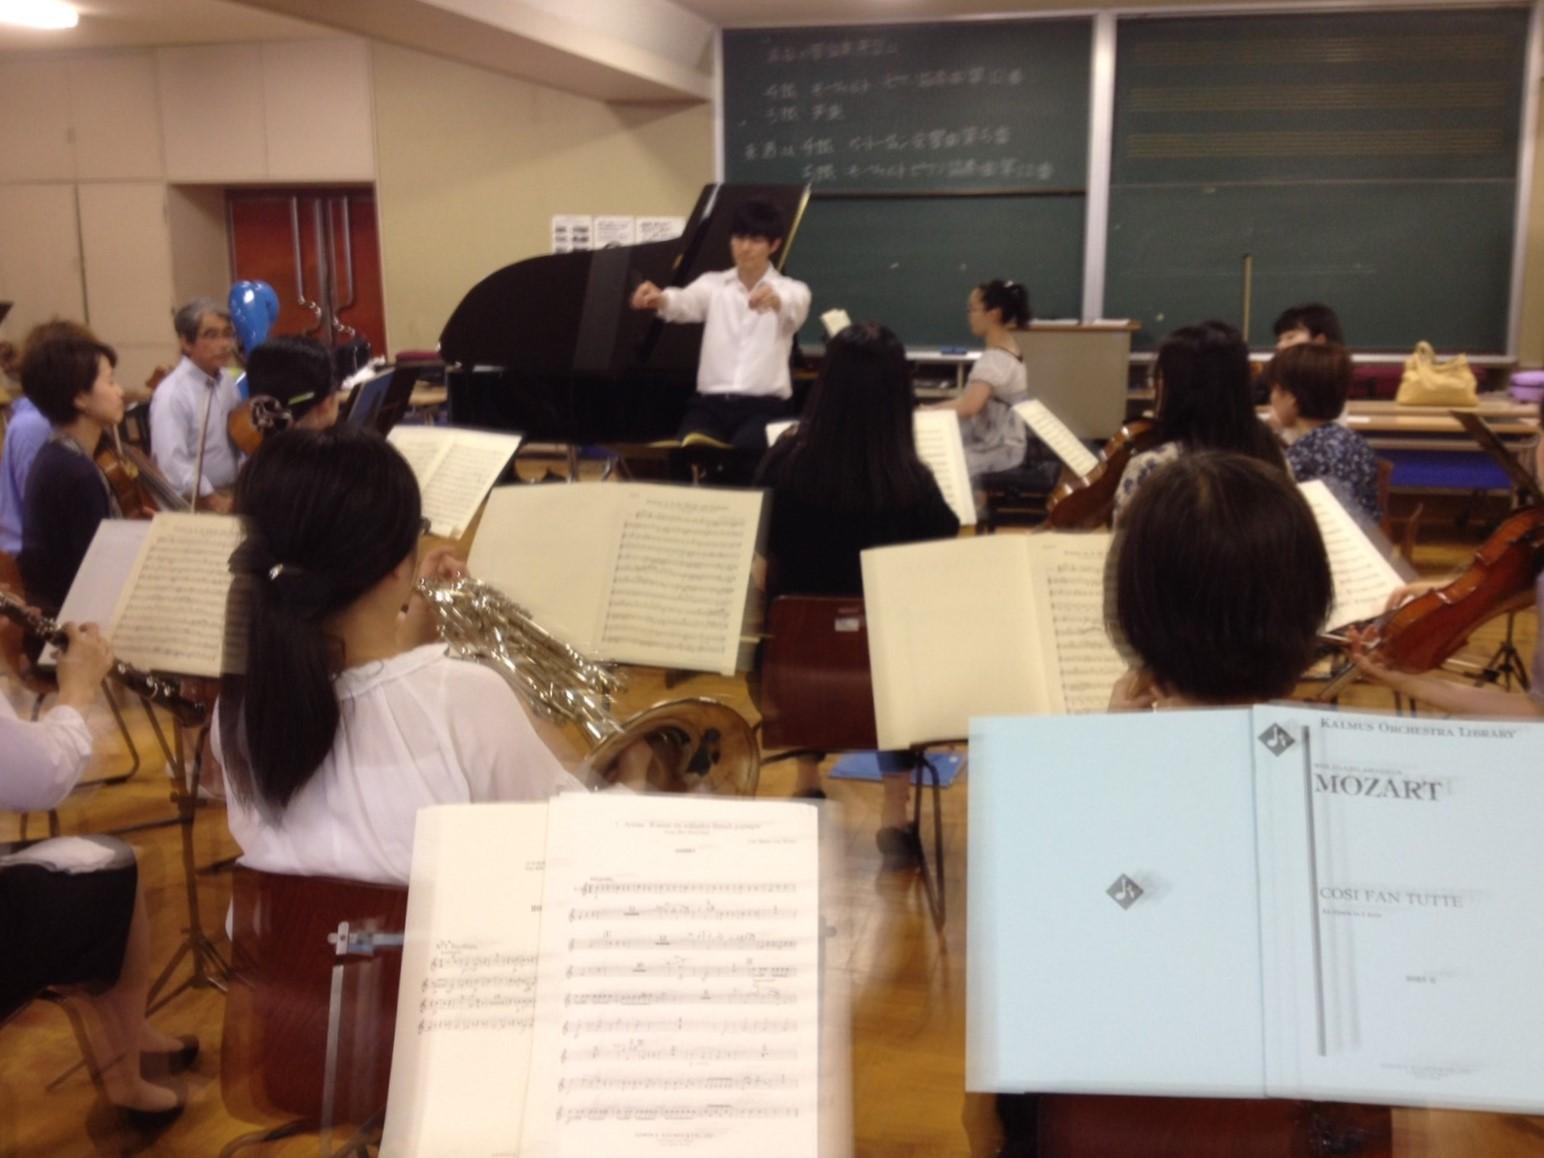 アンサンブルの醍醐味~ピアノ協奏曲を今年も体験!~